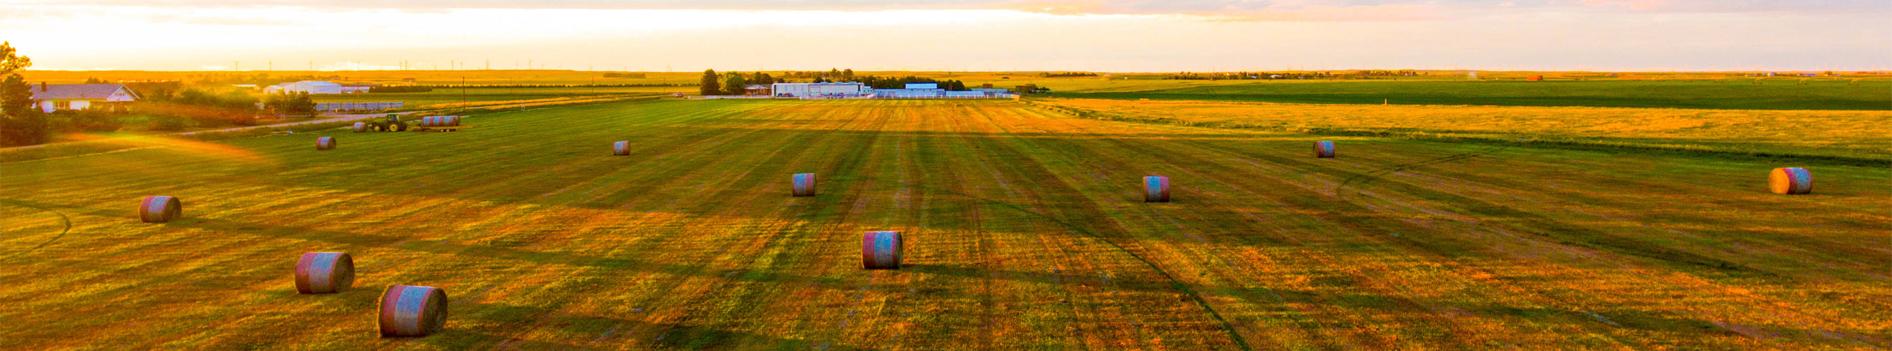 Farmer's Cuts // Balers & Netwrap